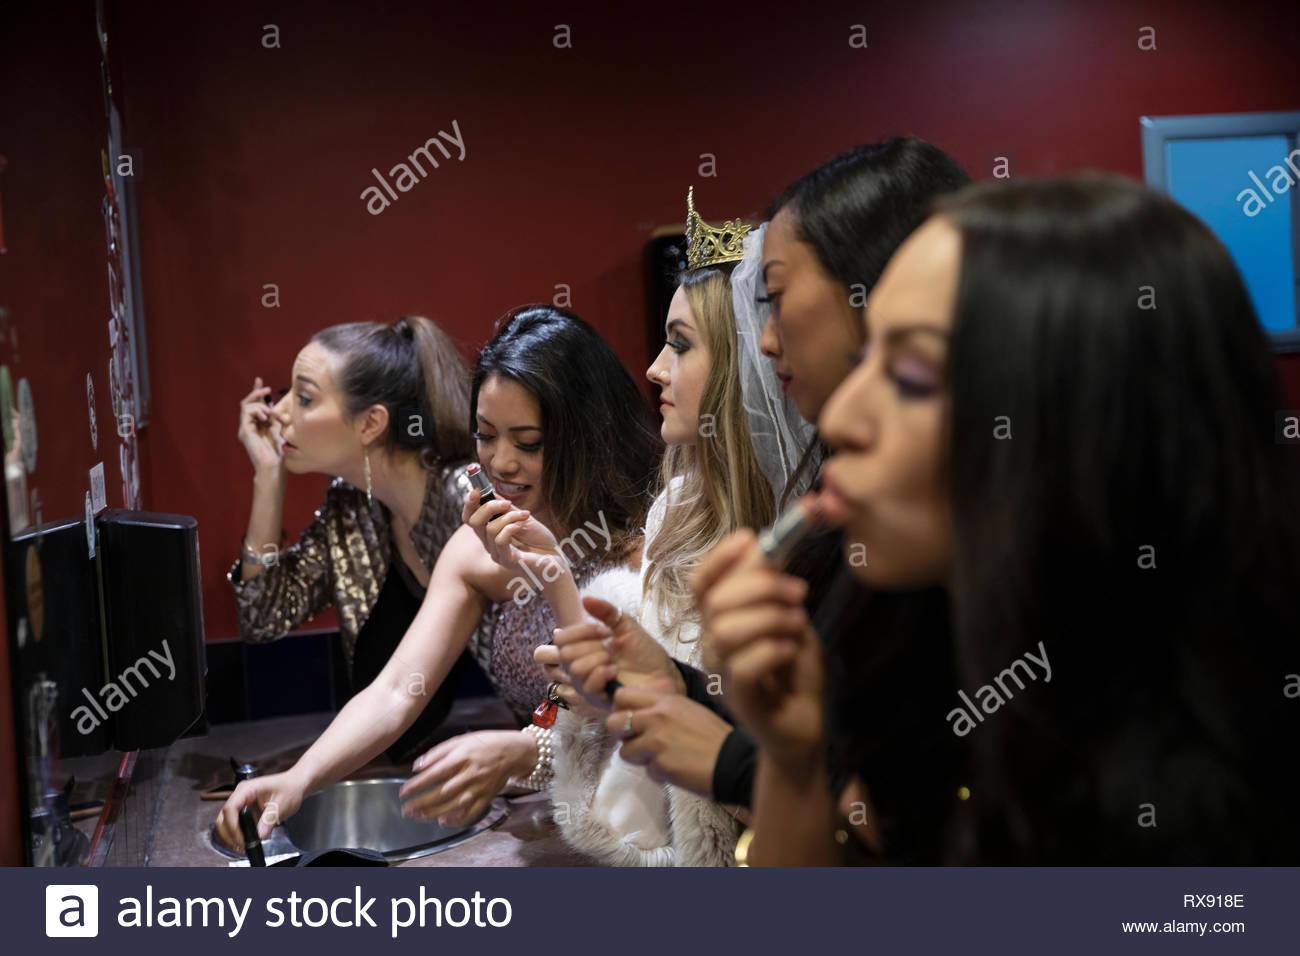 Et les amis de bachelorette appliquant le maquillage en boite miroir de salle de bains Photo Stock